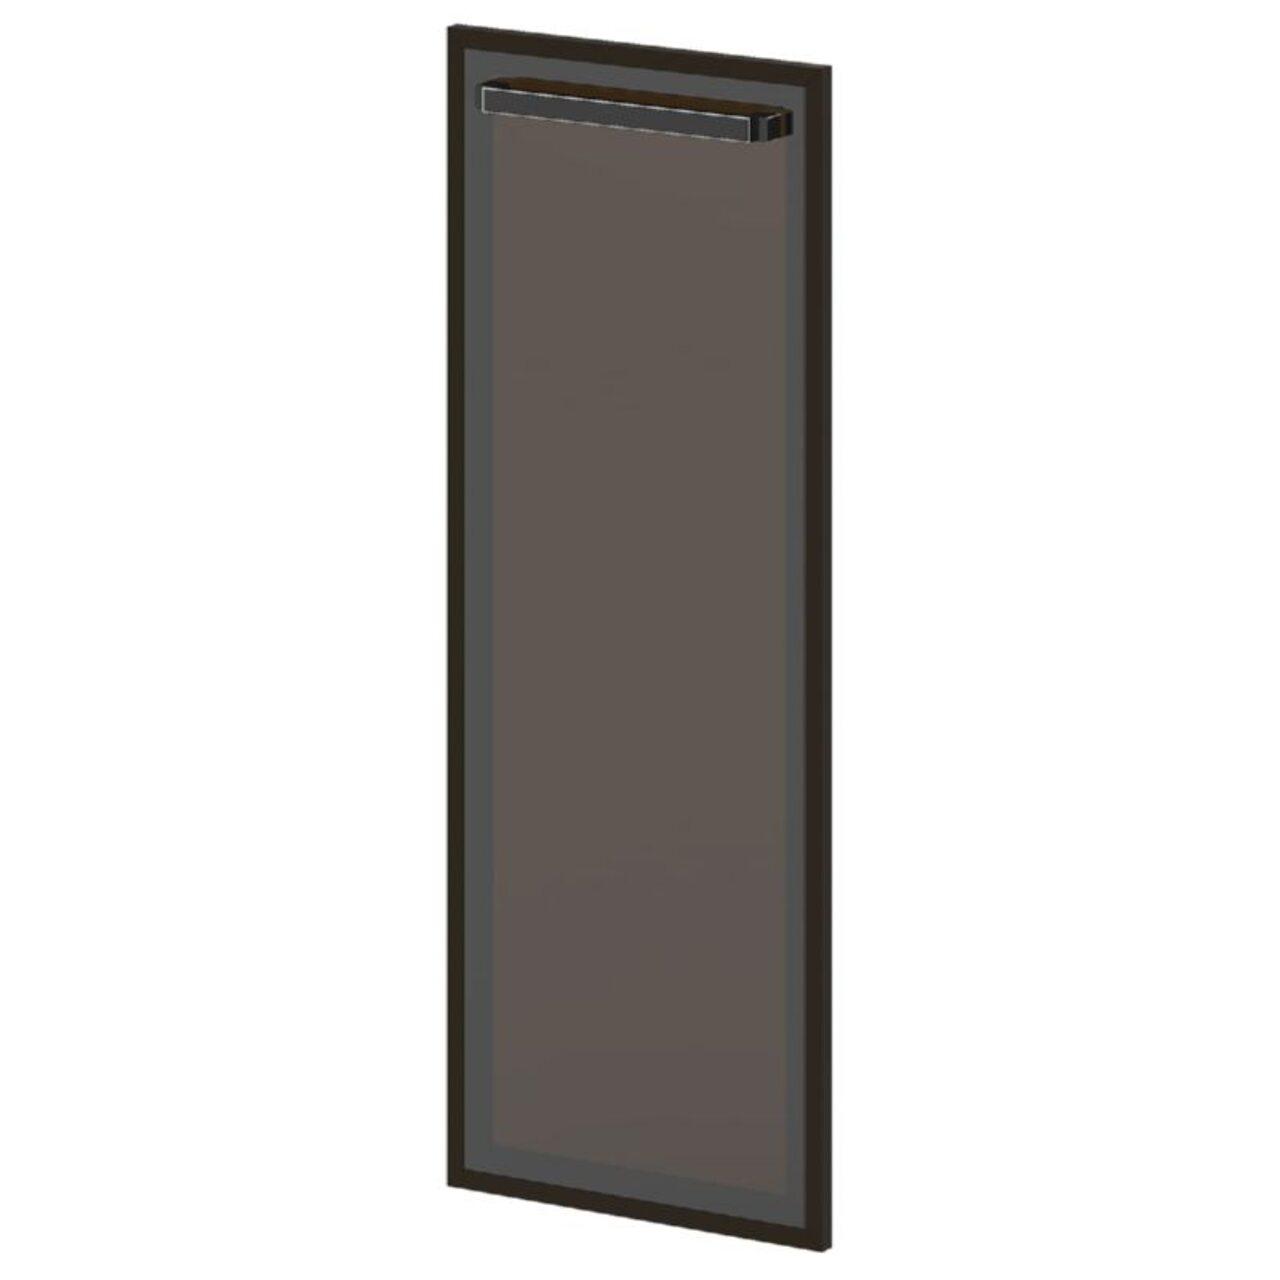 Дверь средняя для стеллажей L-65, L-66, L-67  GRACE 45x2x119 - фото 1